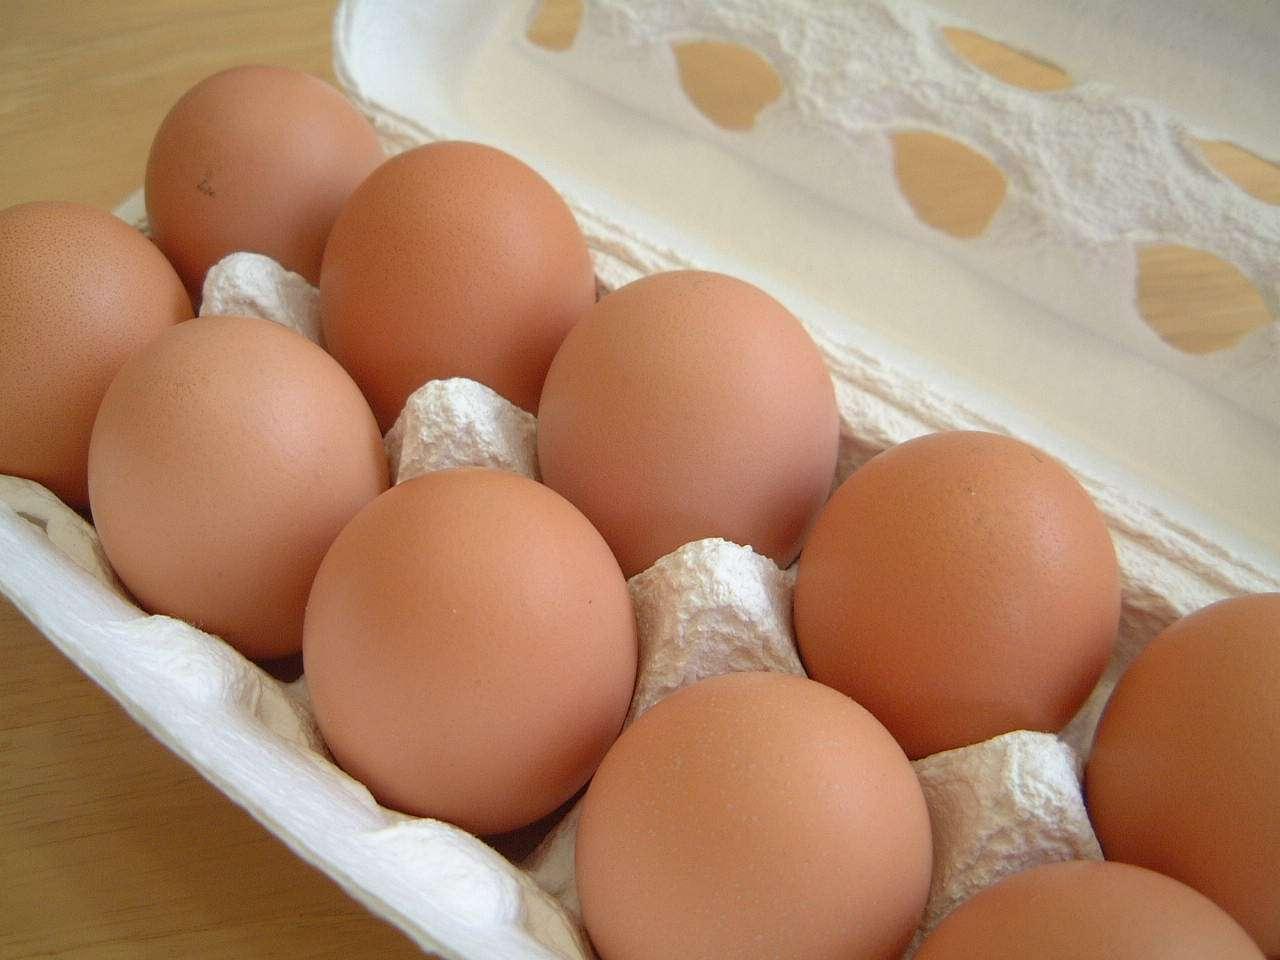 炎天下の車中に卵を放置で立派な温泉卵になったと話題に